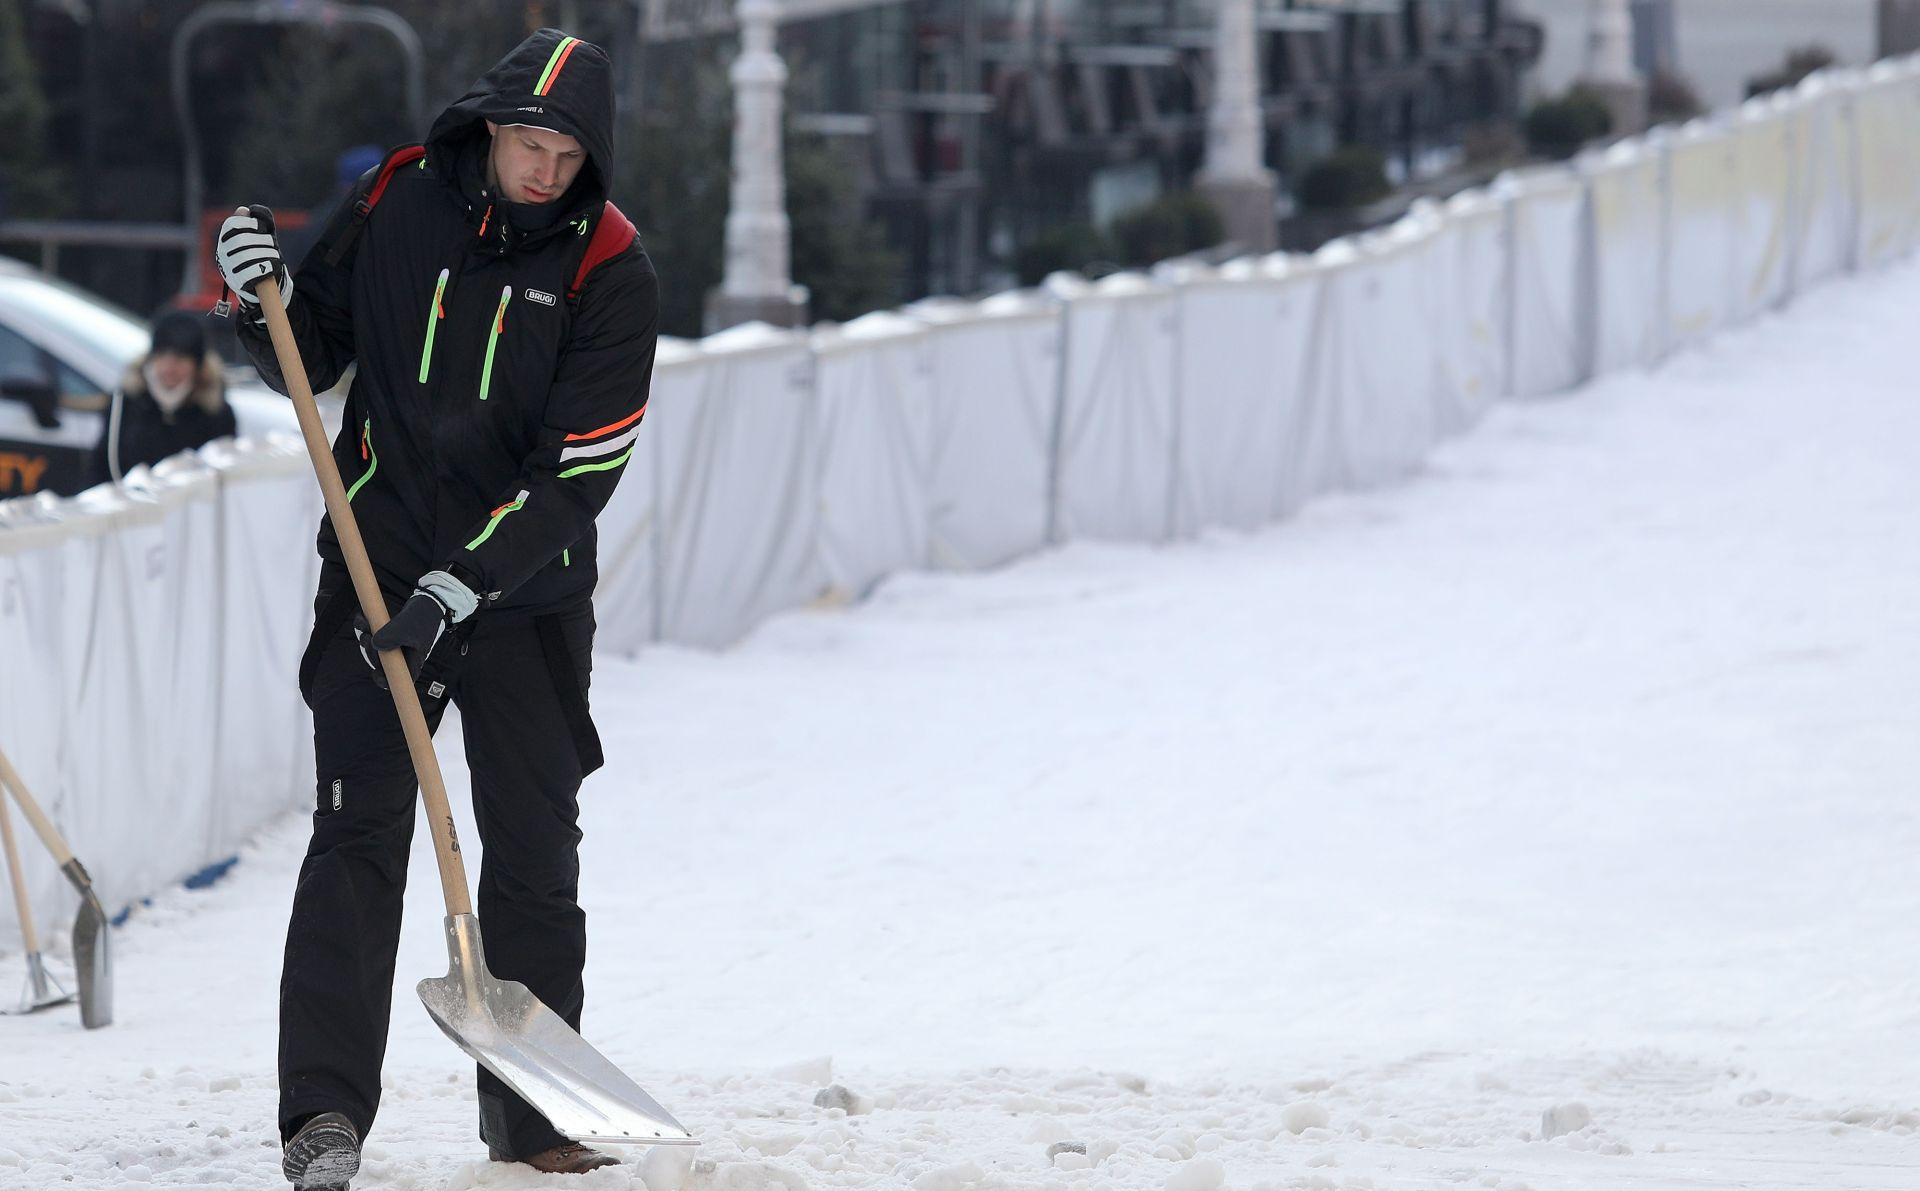 SUKOB OKO VLASTI U ZGRADI Susjedi se obračunali lopatama za snijeg